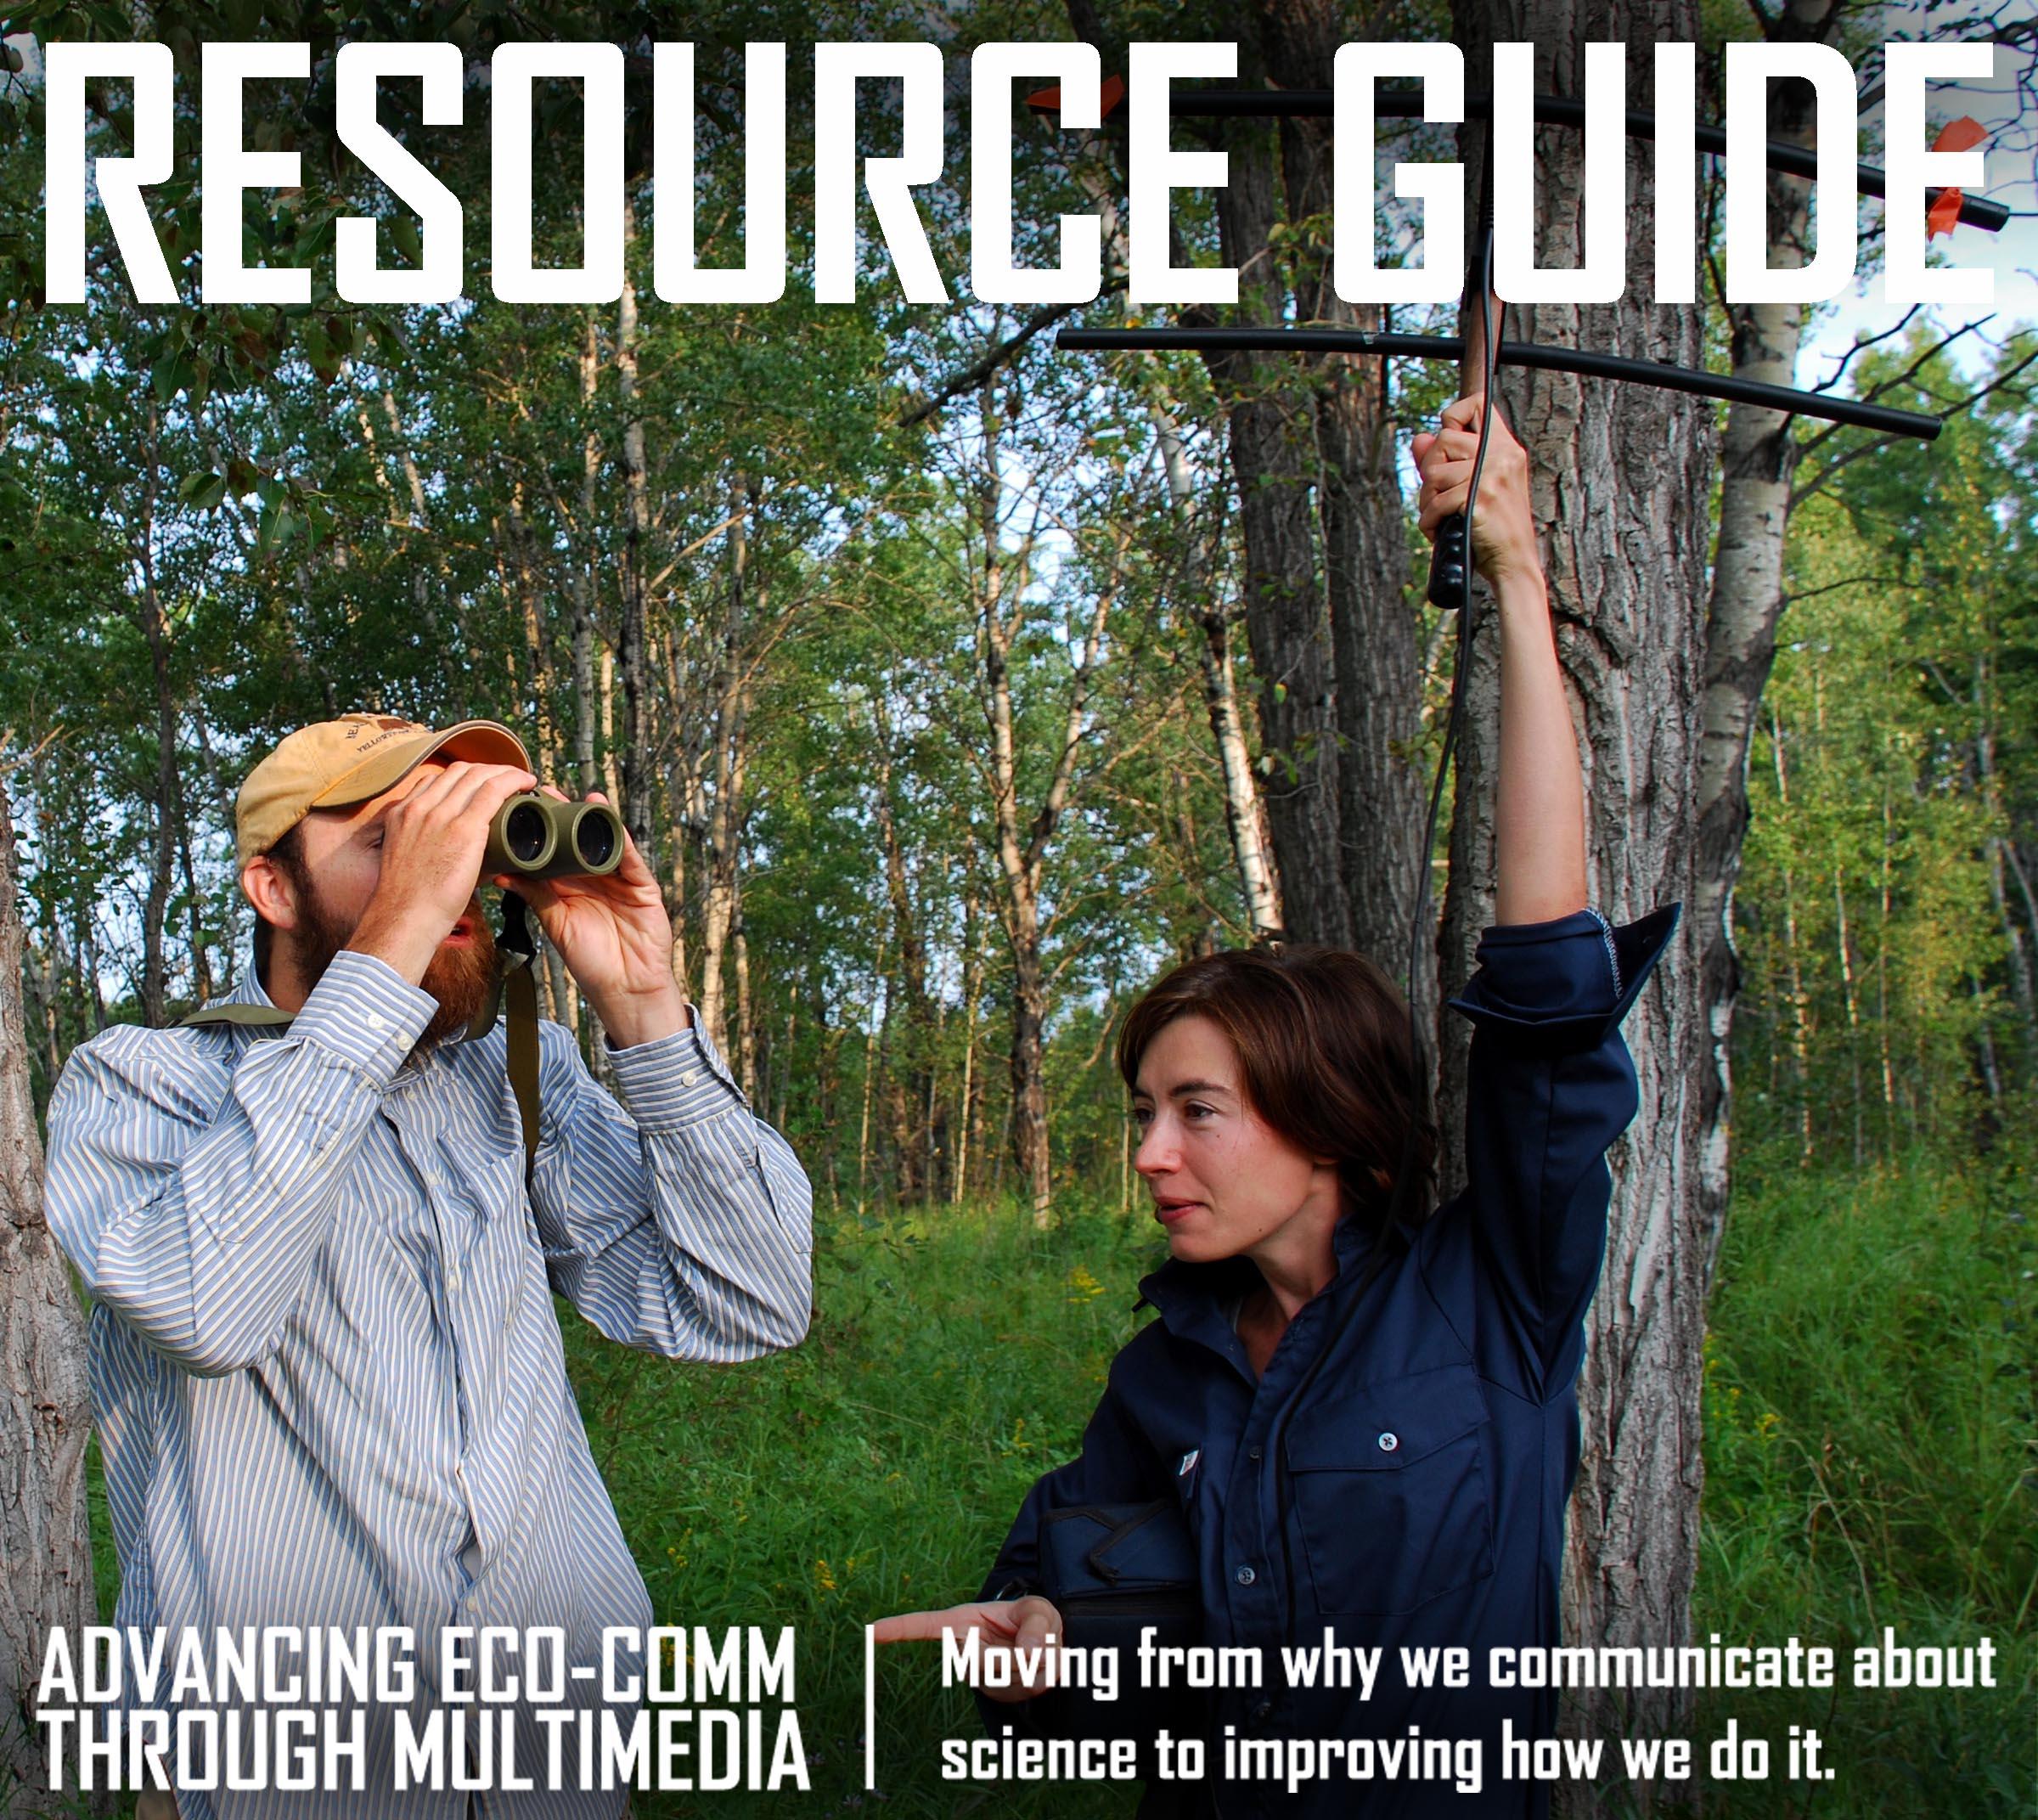 Multi-media SciComm resource guide